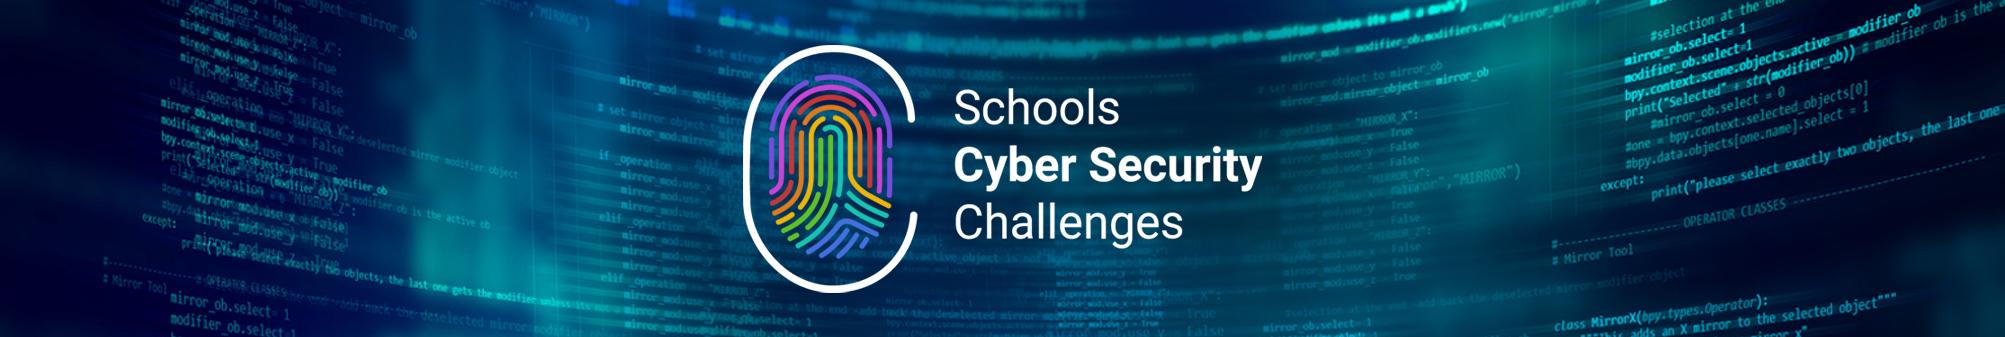 Schools Cyber Security Challenges